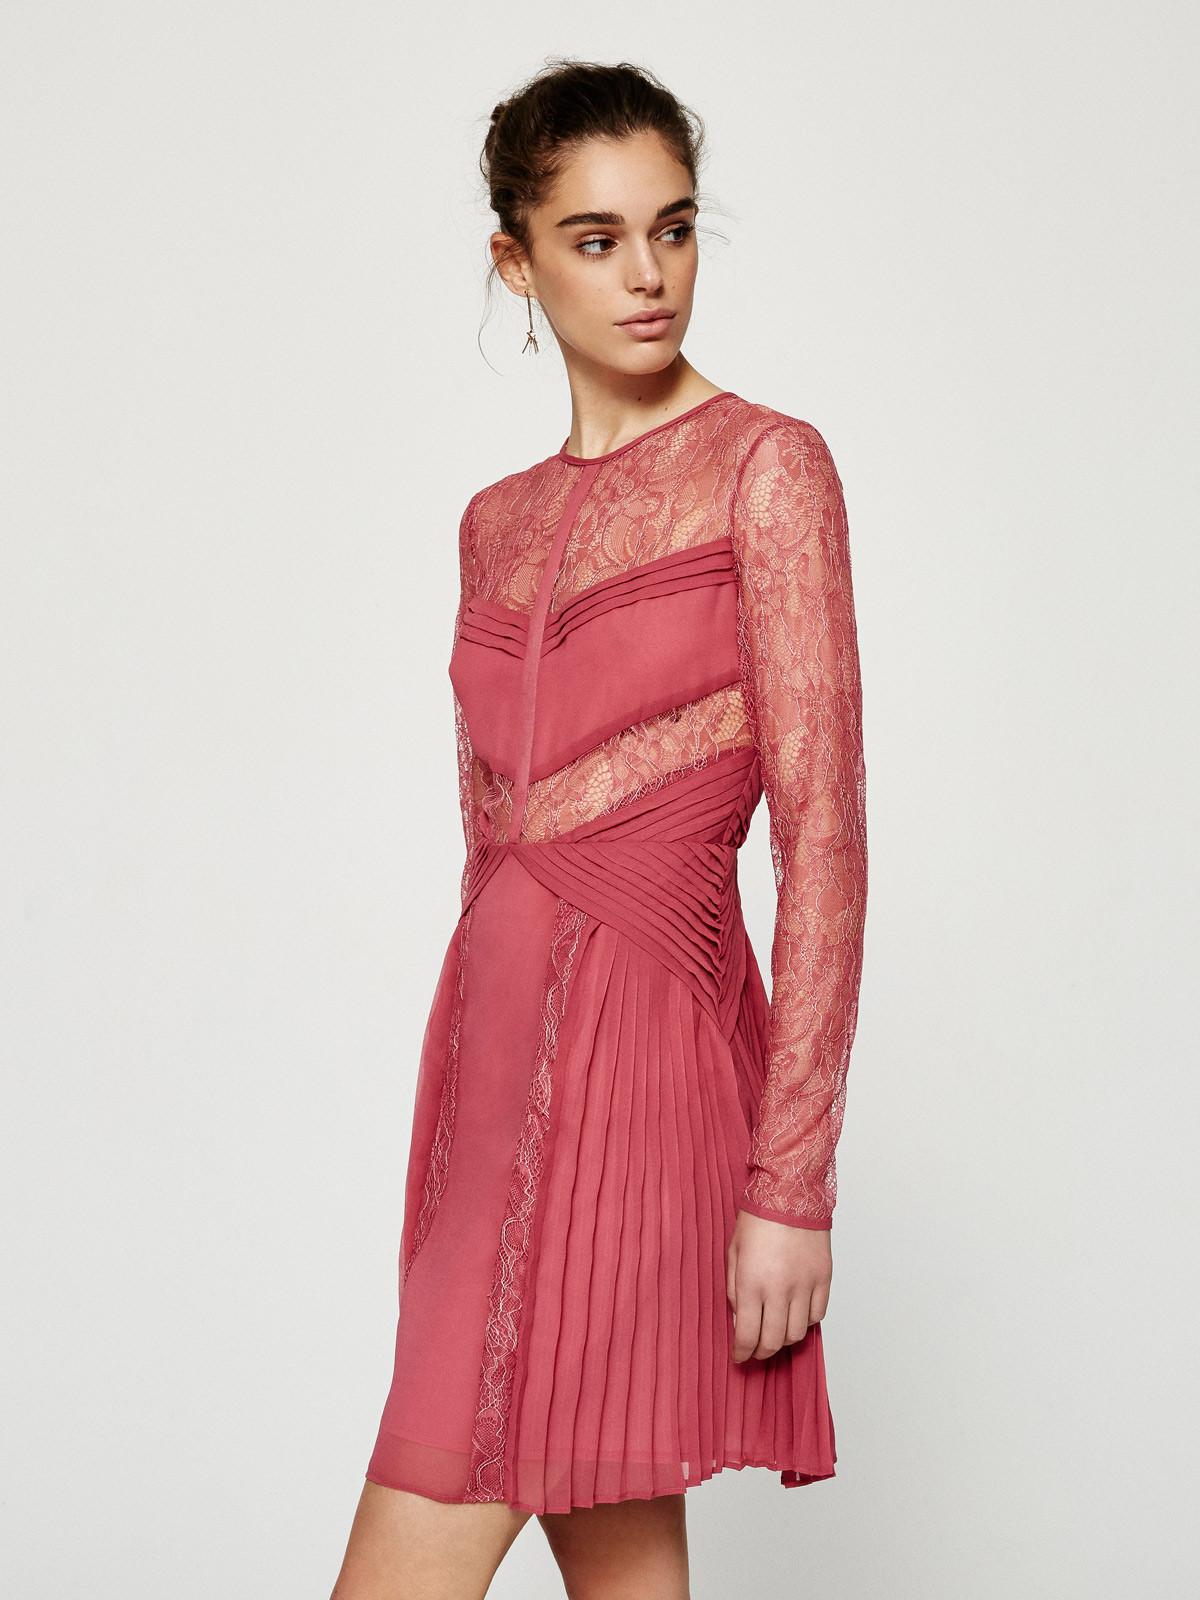 ceos-vestido-rosa-manga-larga-encaje-gasa-de-mioh-3